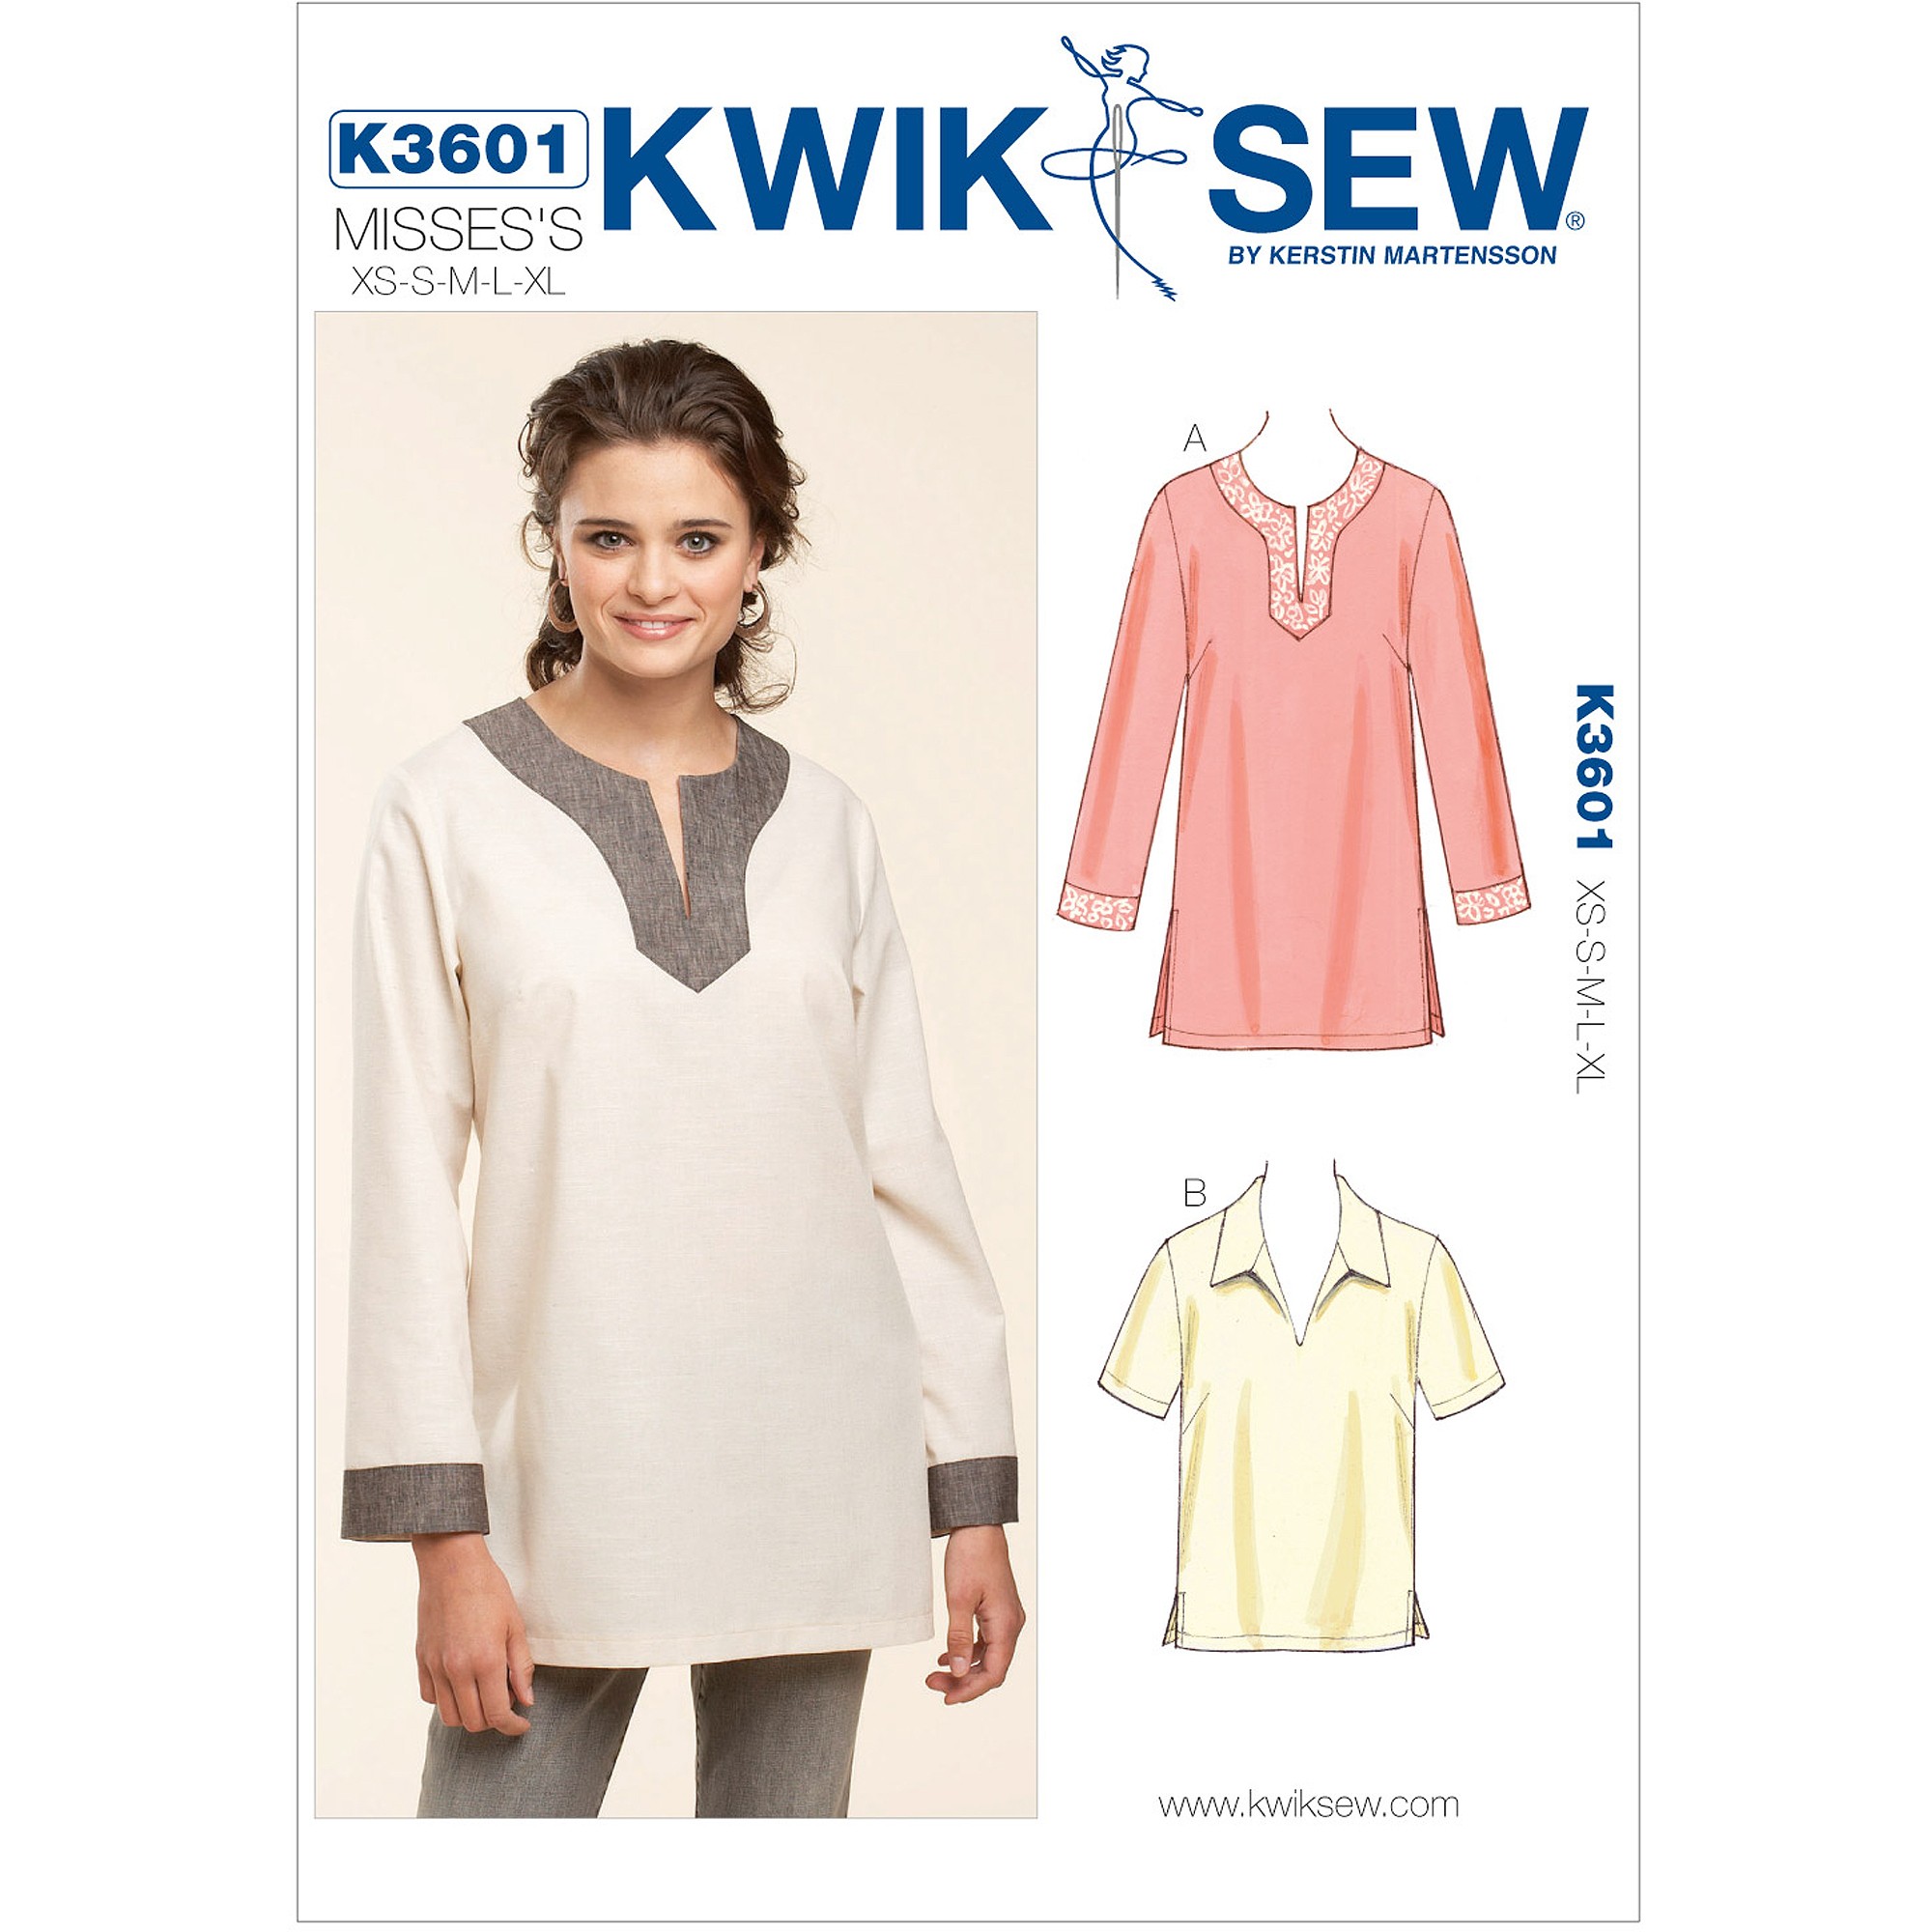 Kwik Sew Pull-Over Tops, (XS, S, M, L, XL)